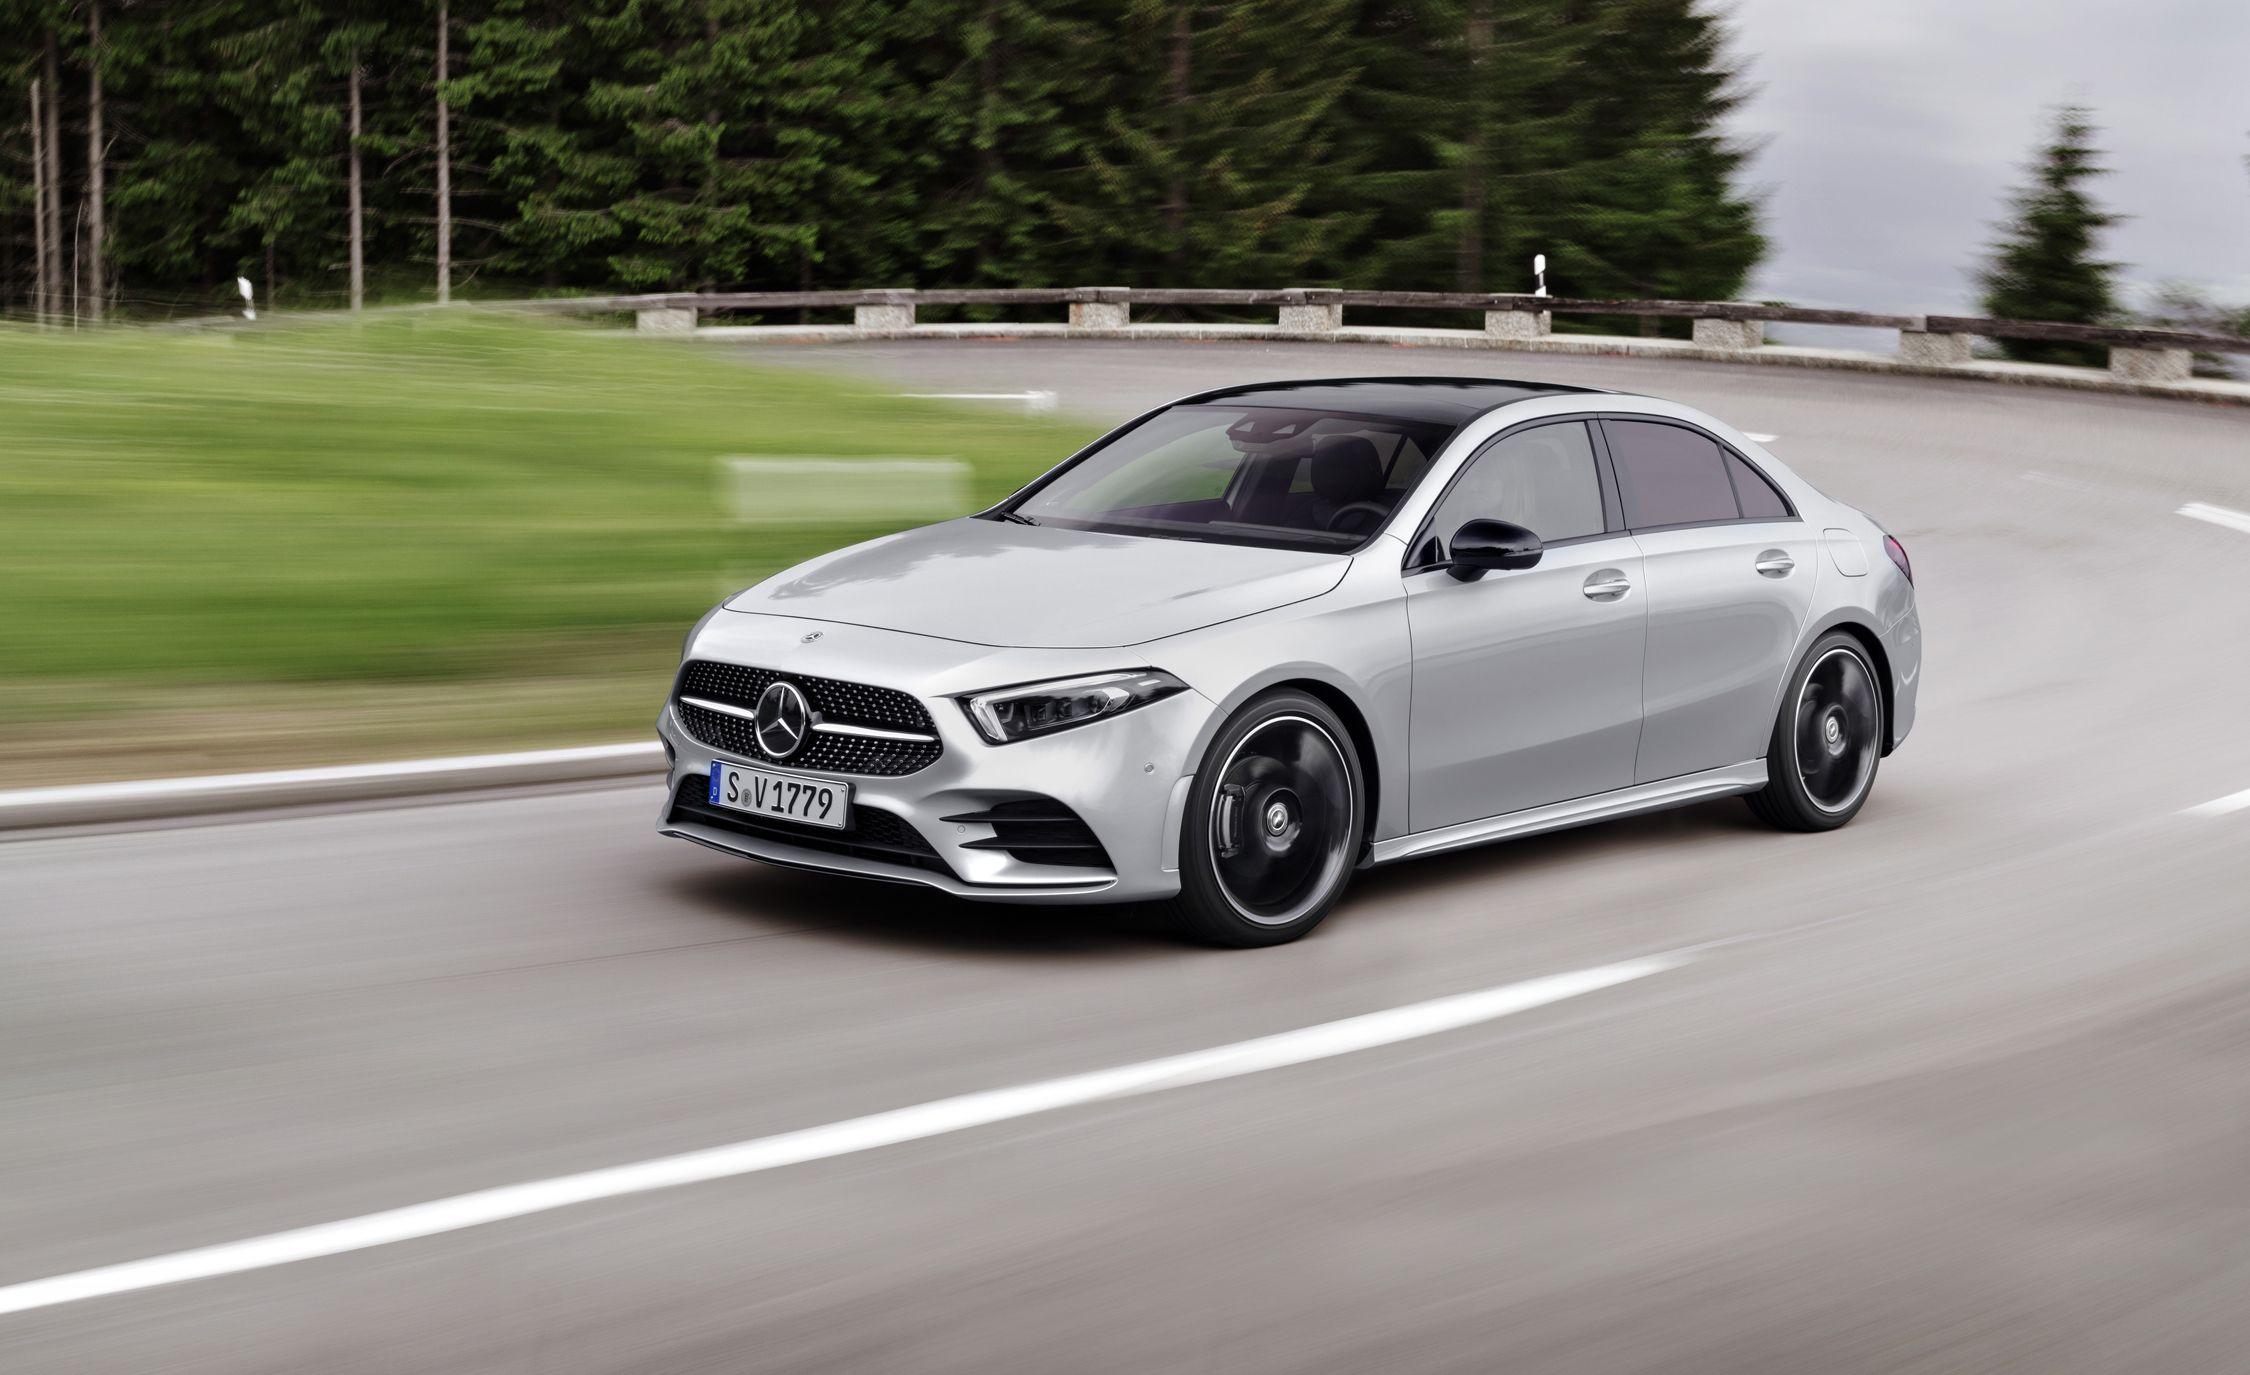 2019 Mercedes A Class Sedan Kicks Off New Gen Of Baby Benzes